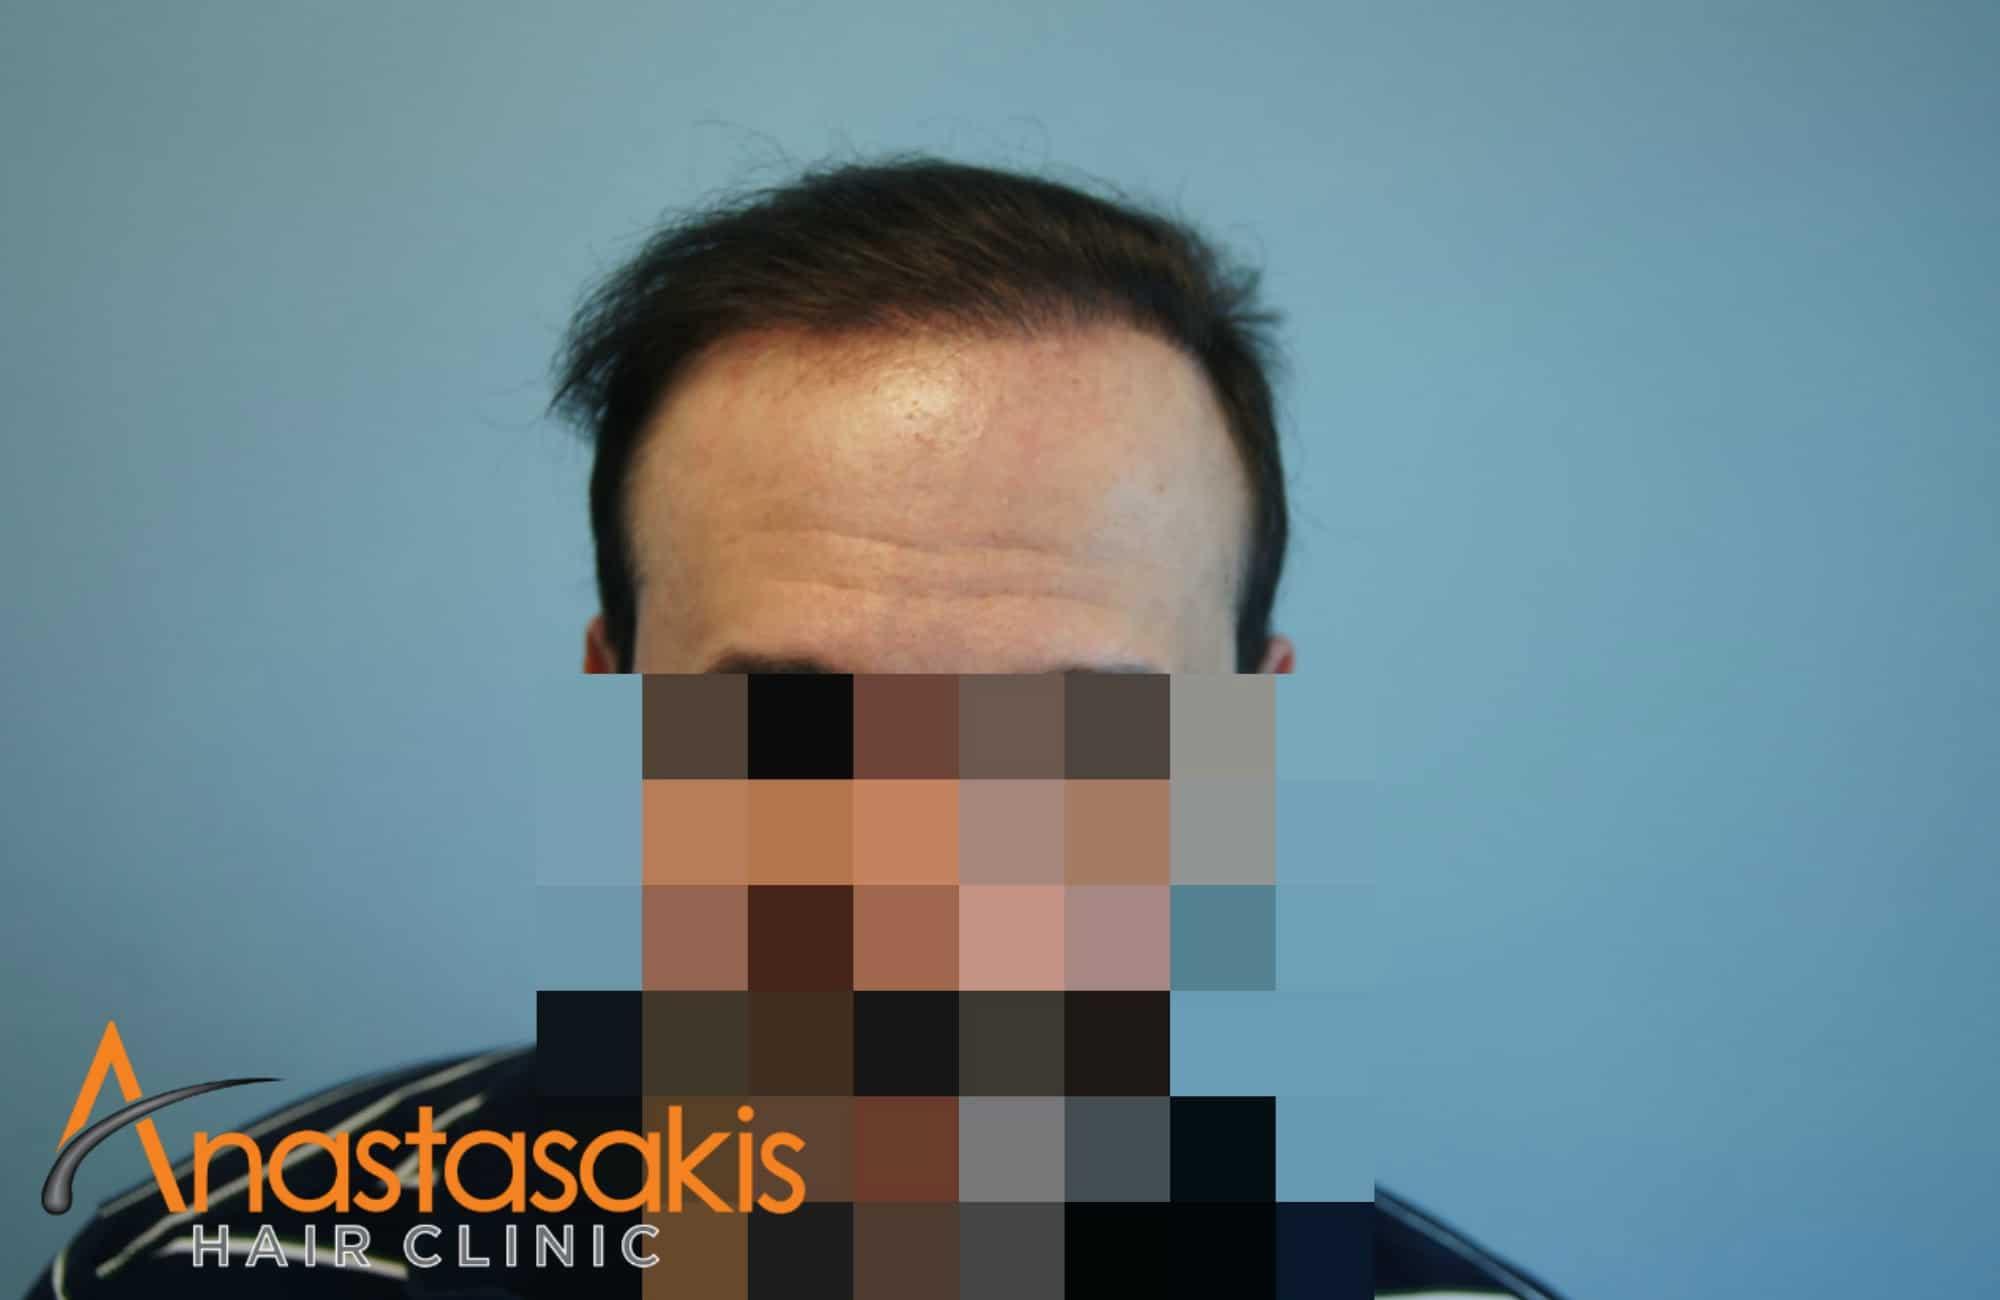 fullface ασθενους μετα τη μεταμοσχευση μαλλιων με 3000 fus